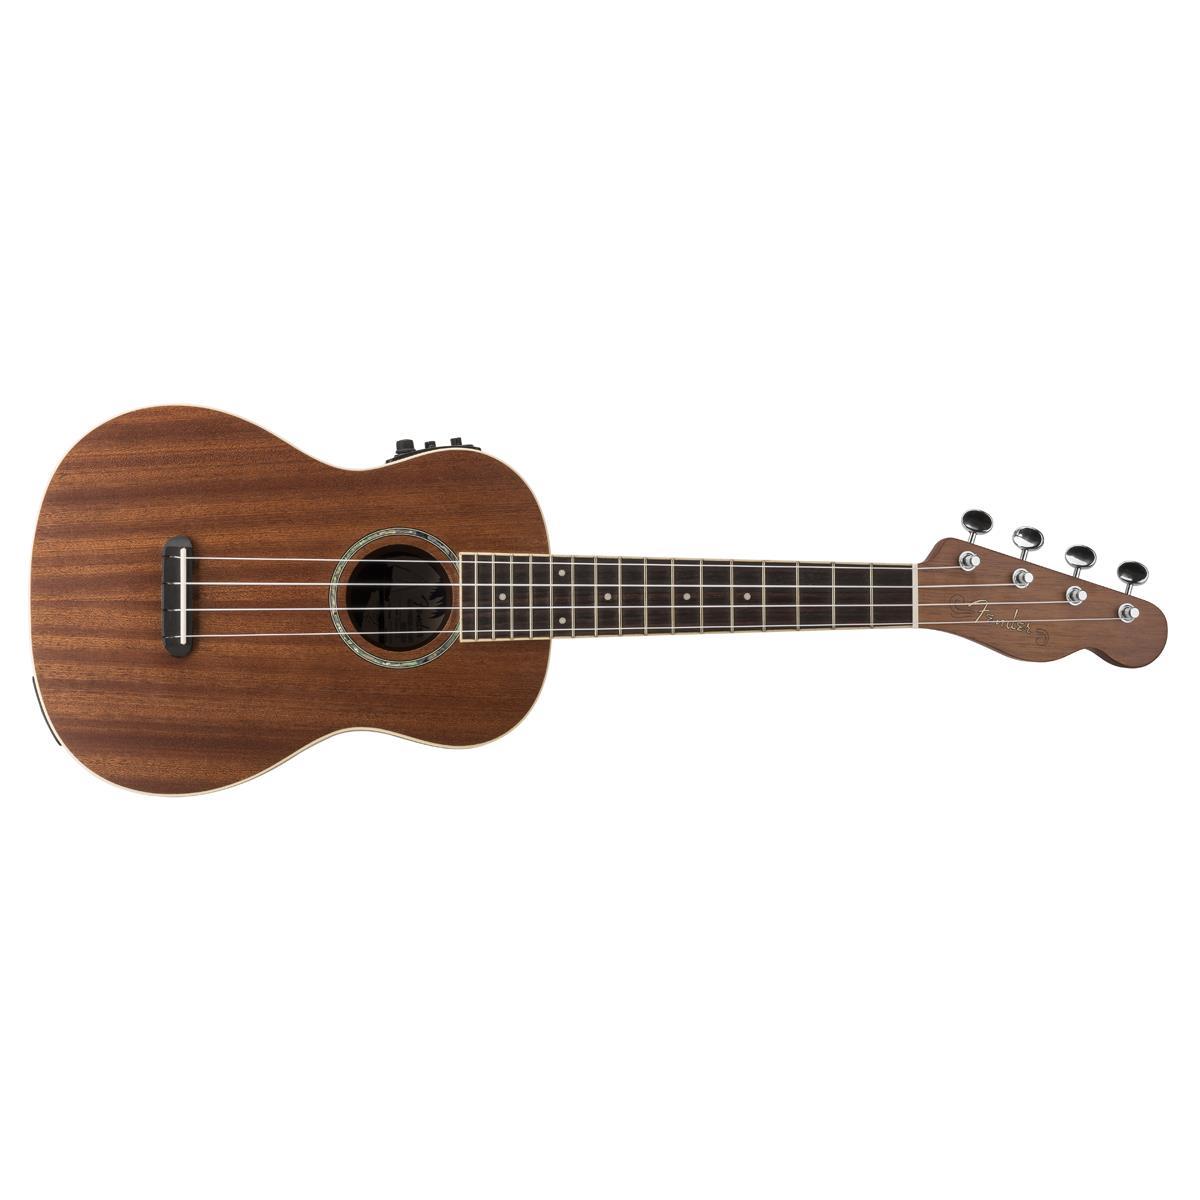 Fender California Coast Zuma Concert Ukulele $110 + free s/h